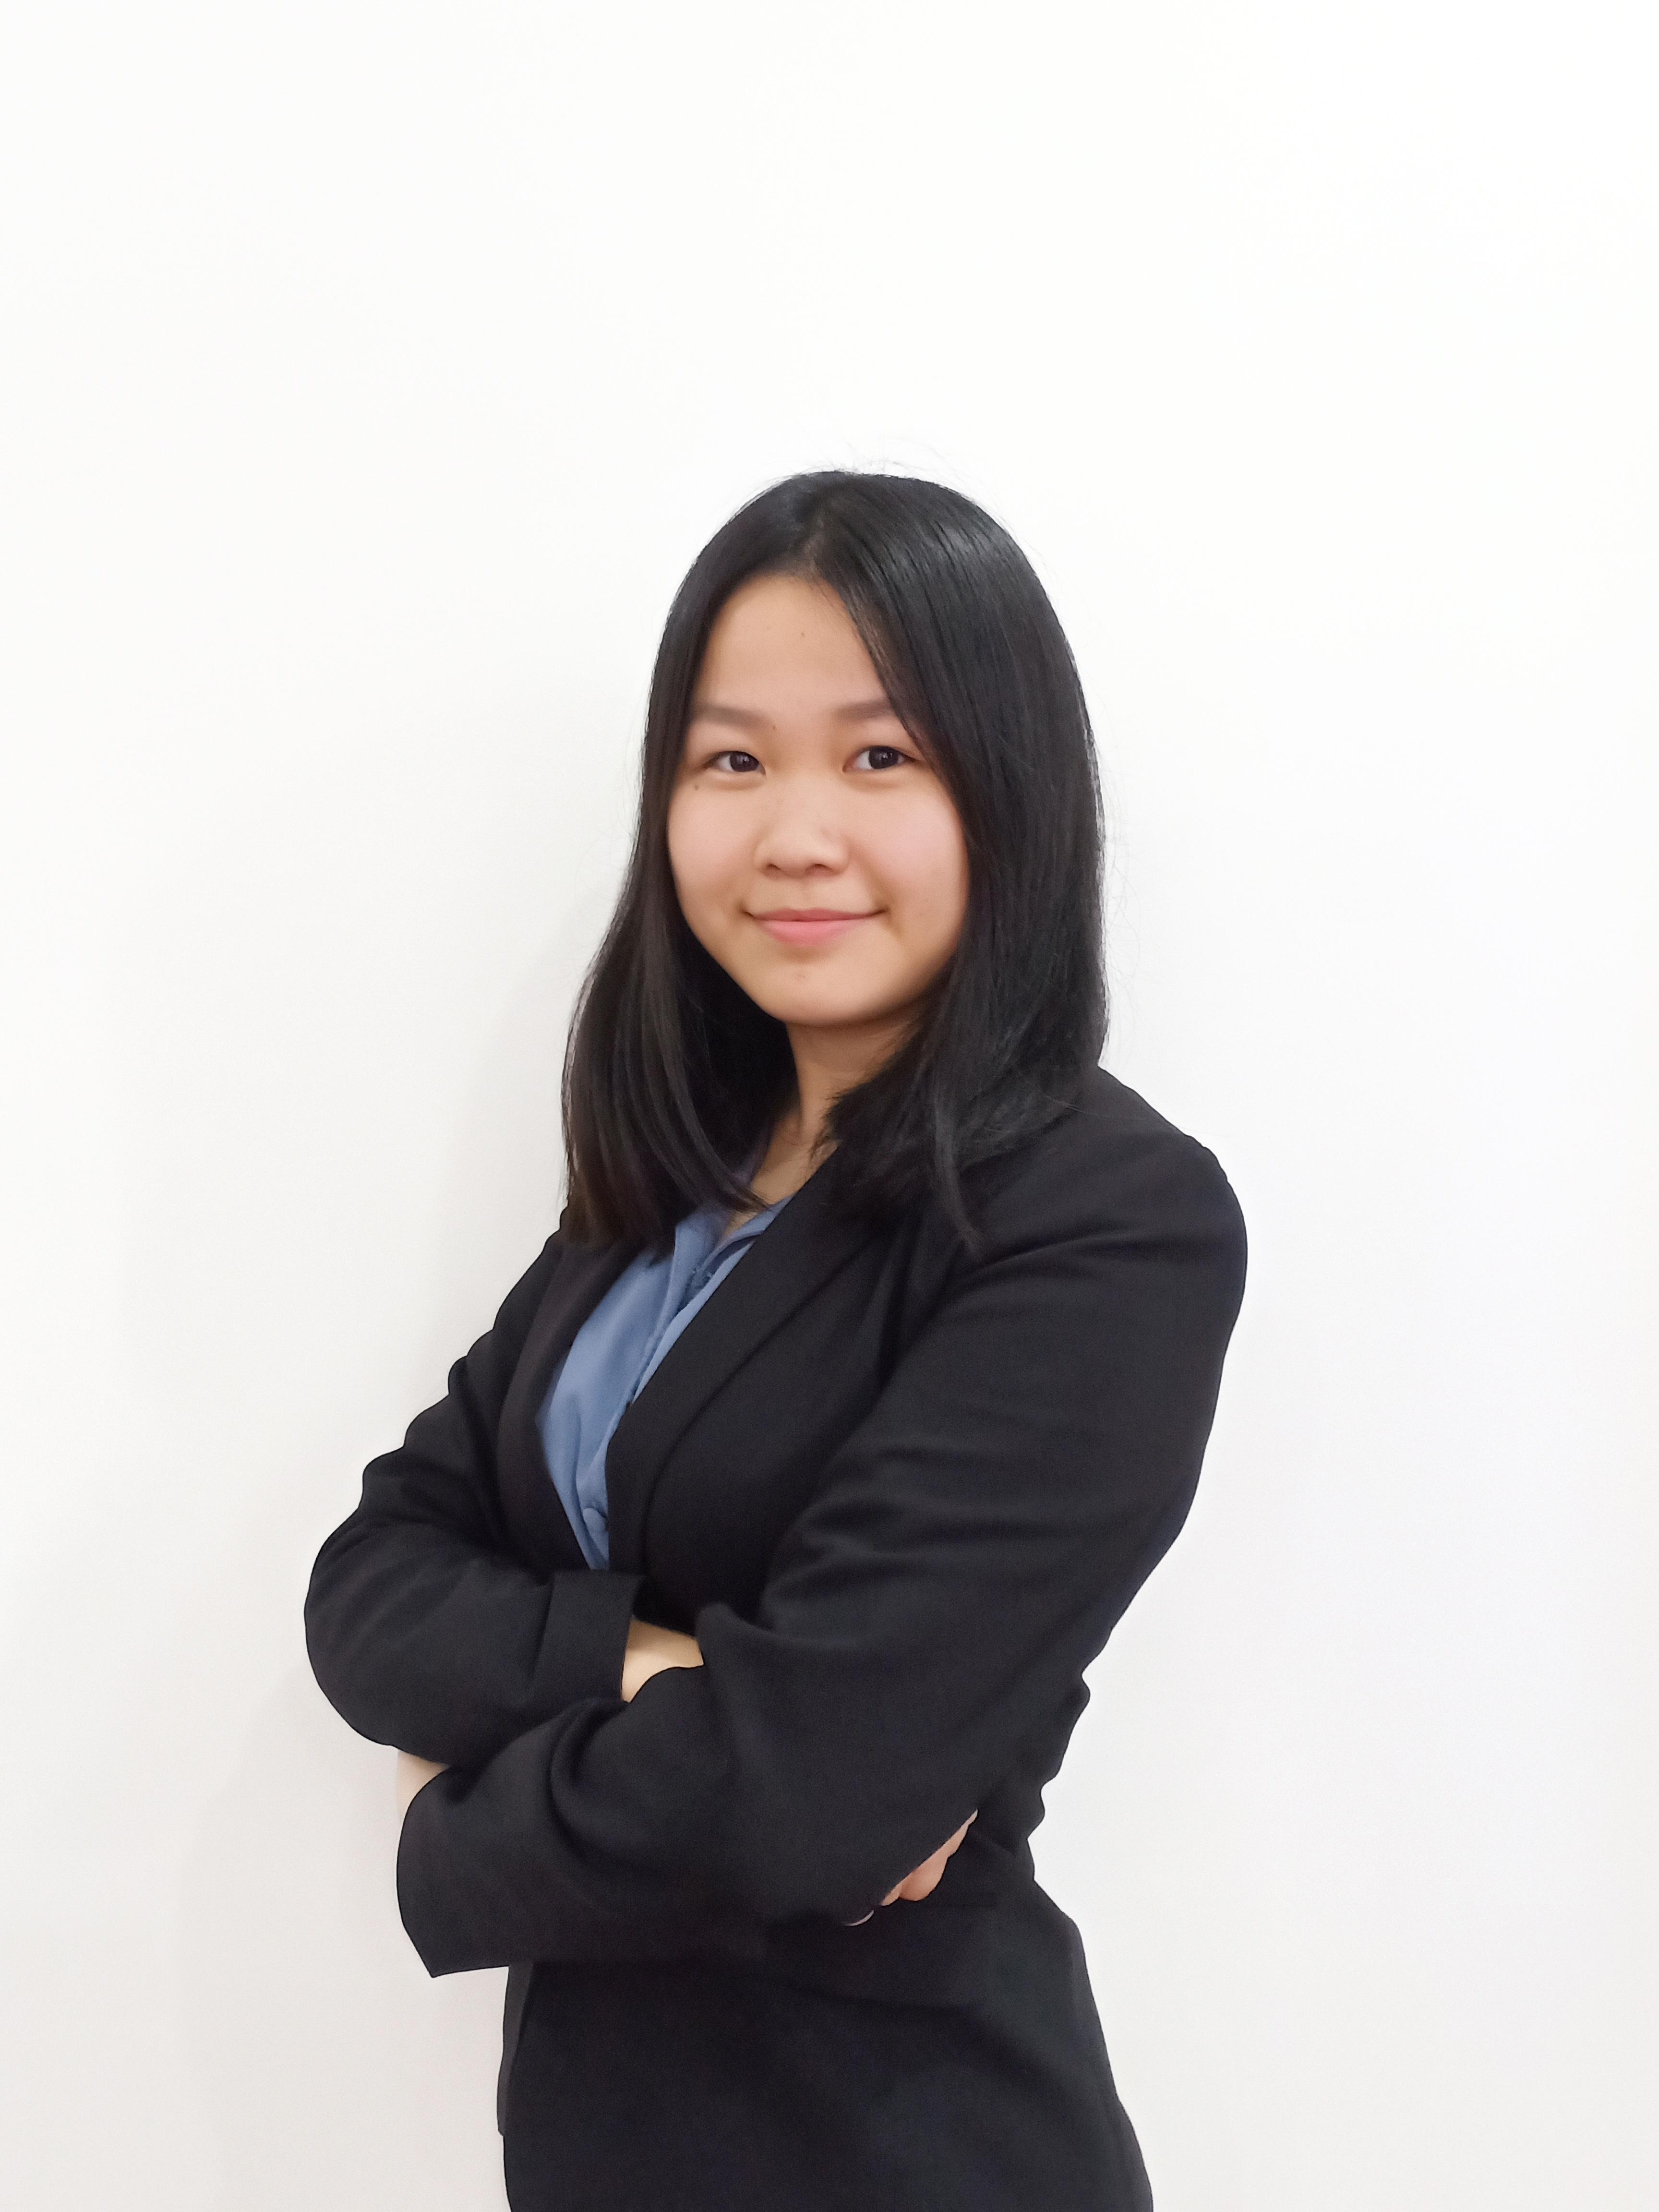 Tan Yi Xuan